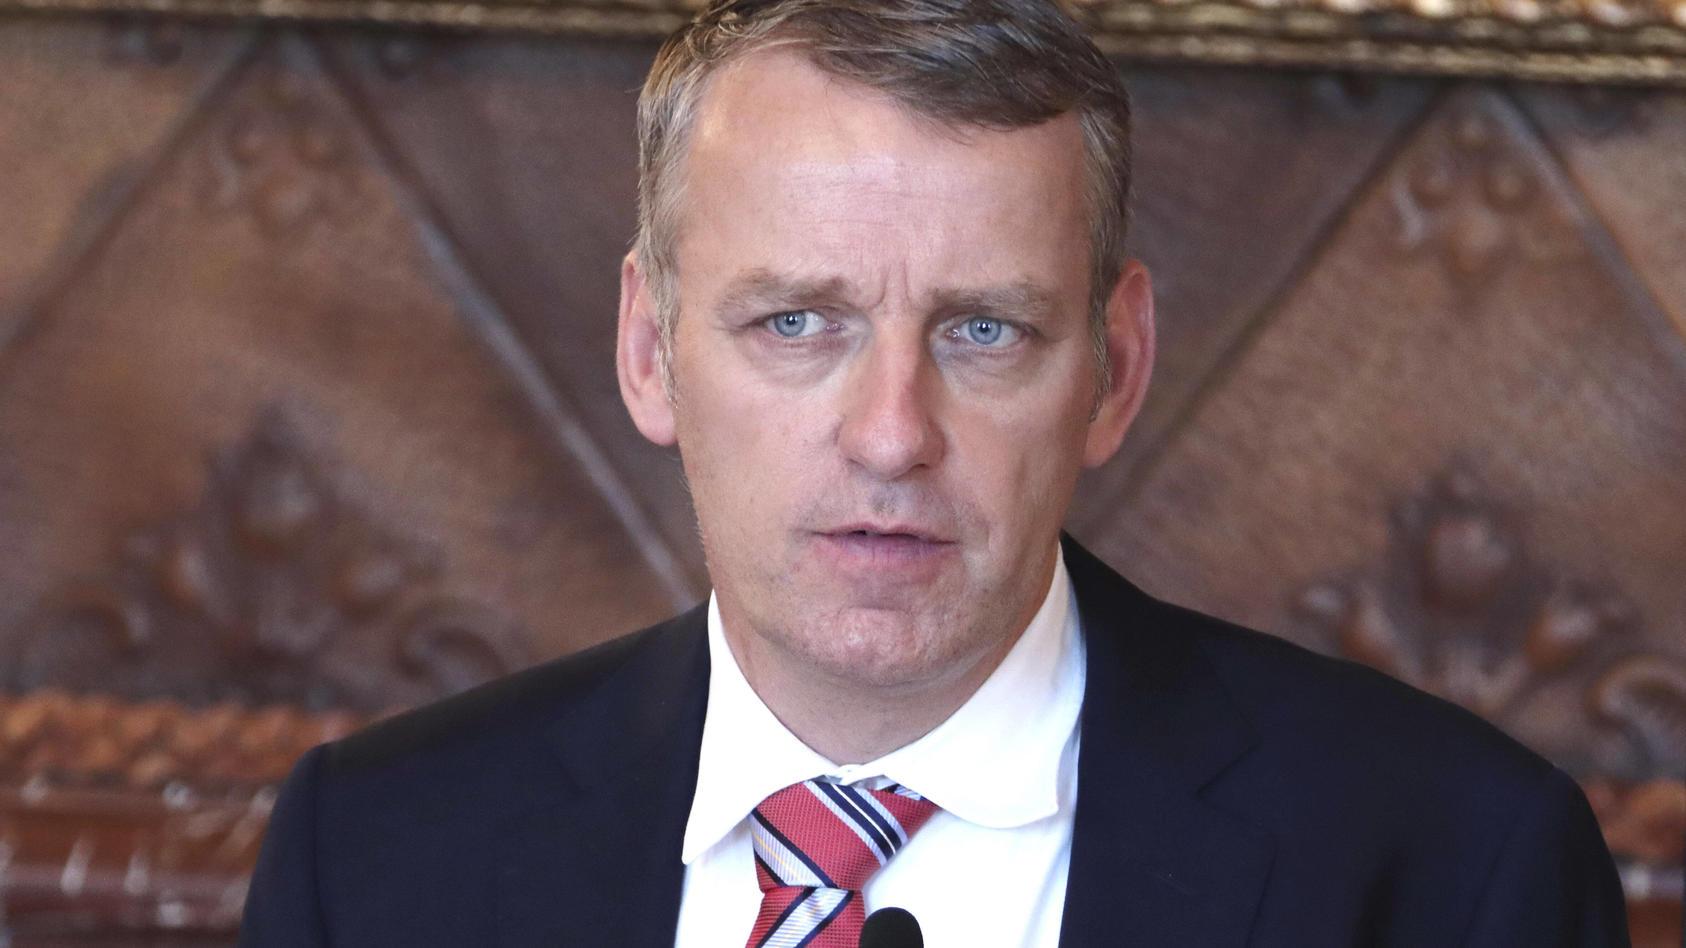 Prof. Dr. Stefan Kluge am 13.11. bei einer Pressekonferenz zur weiteren Entwicklung in der Corona-Pandemie im Hamburger Rathaus.